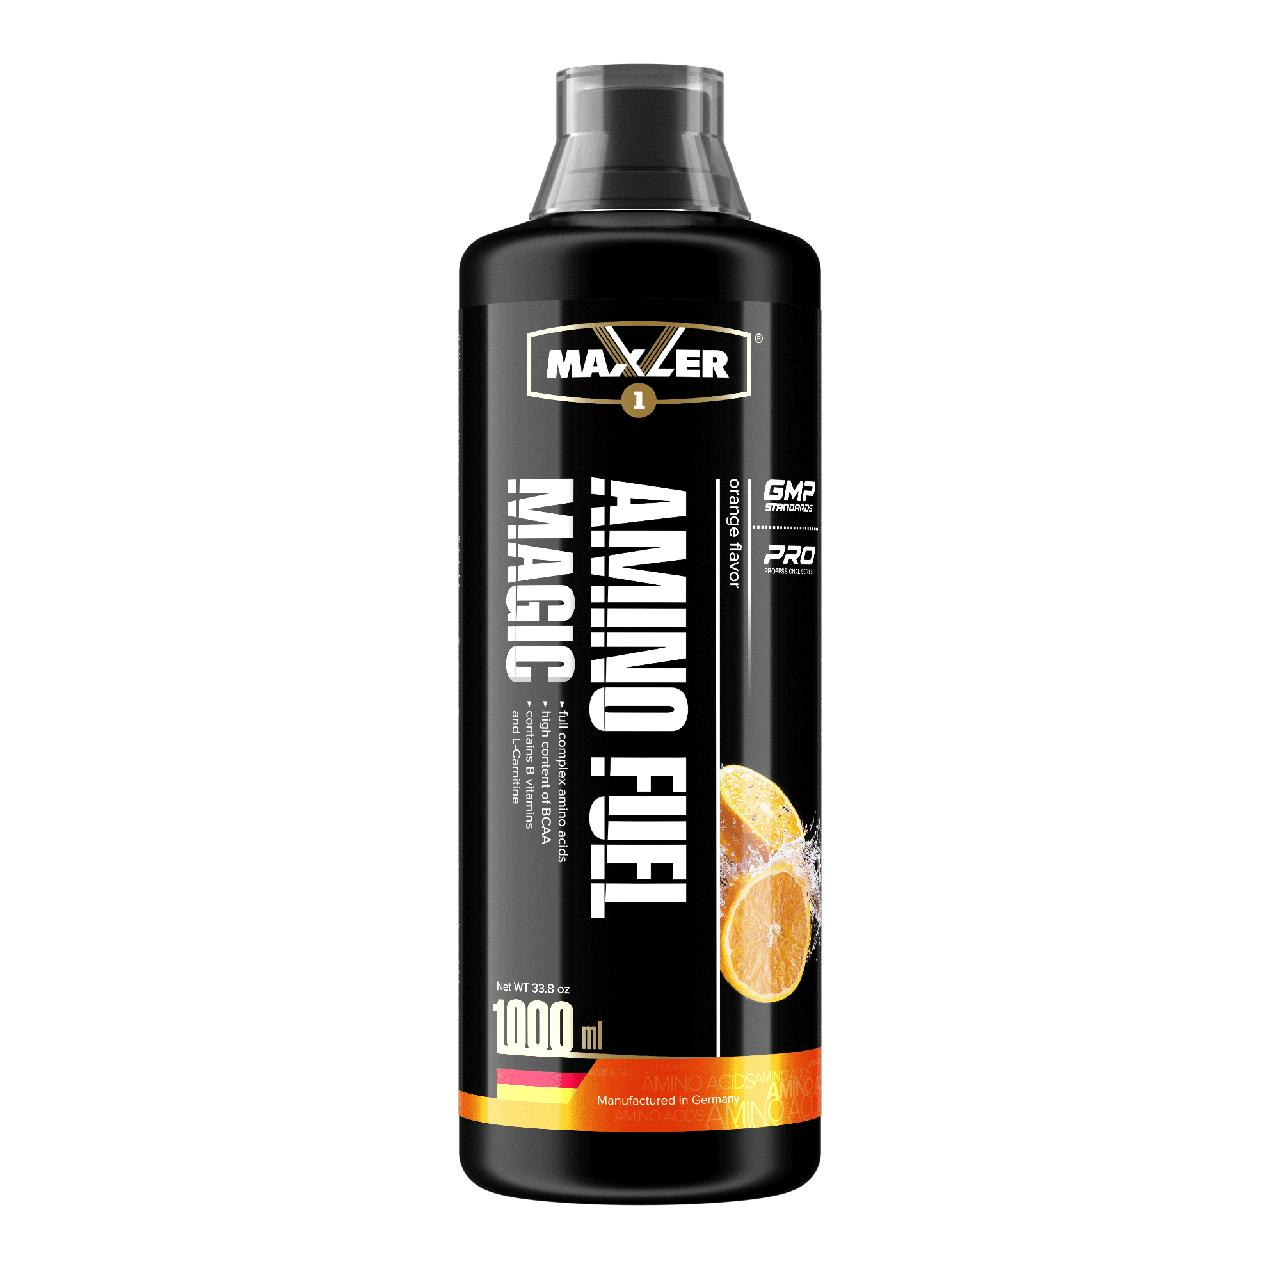 Maxler Amino Magic Fuel 1000 мл – Апельсин